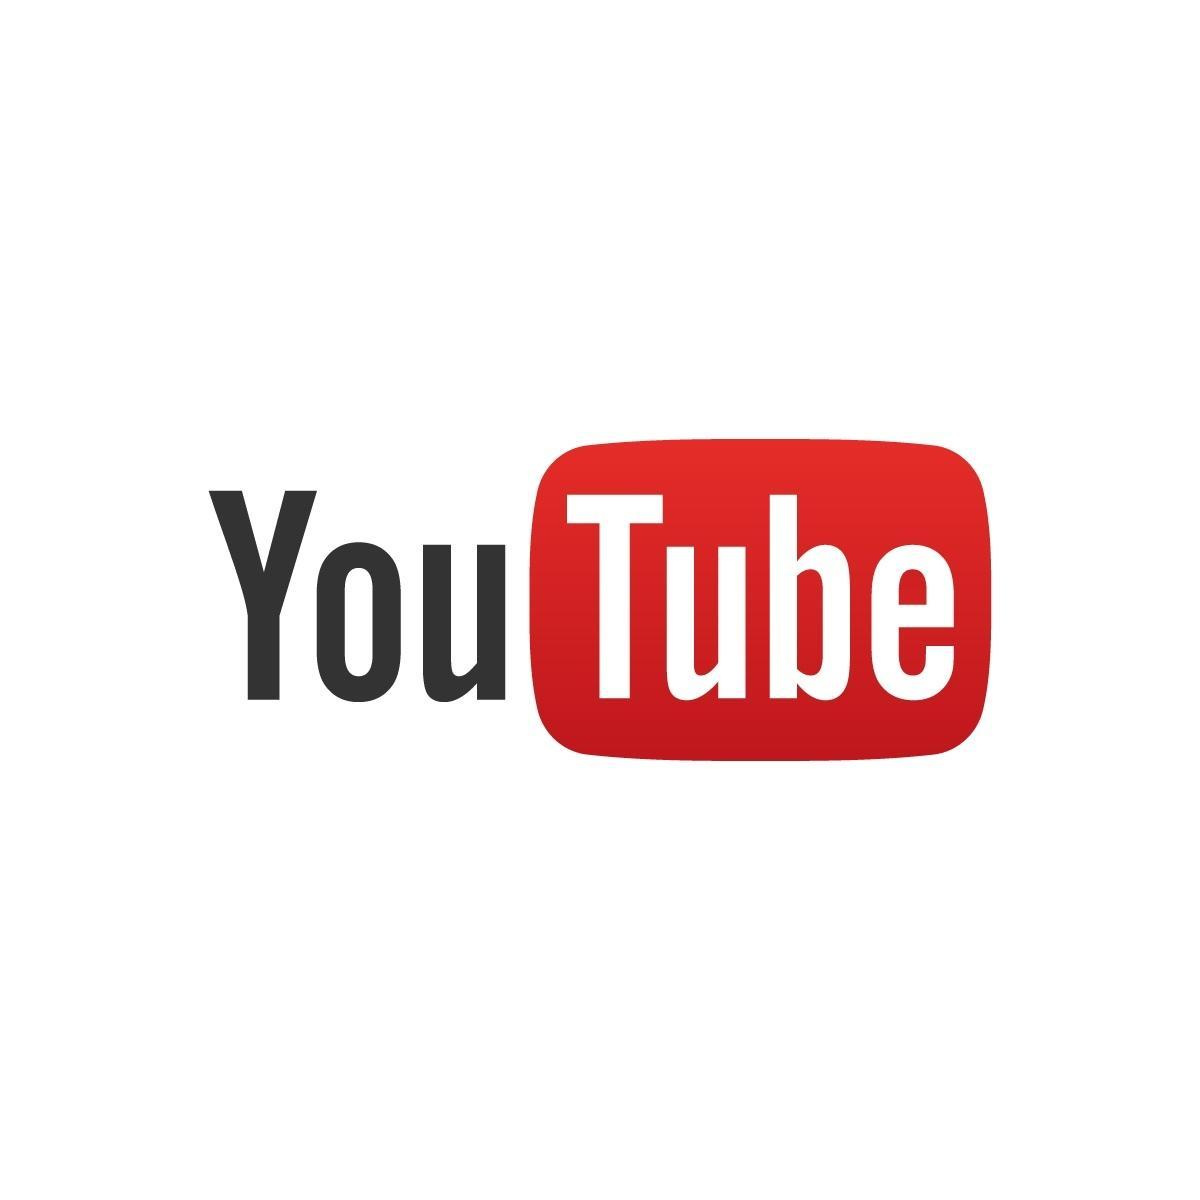 YouTubeやイベント動画作成承ります 動画を作りたいけど出来ないなどの方は是非ご相談ください^_^